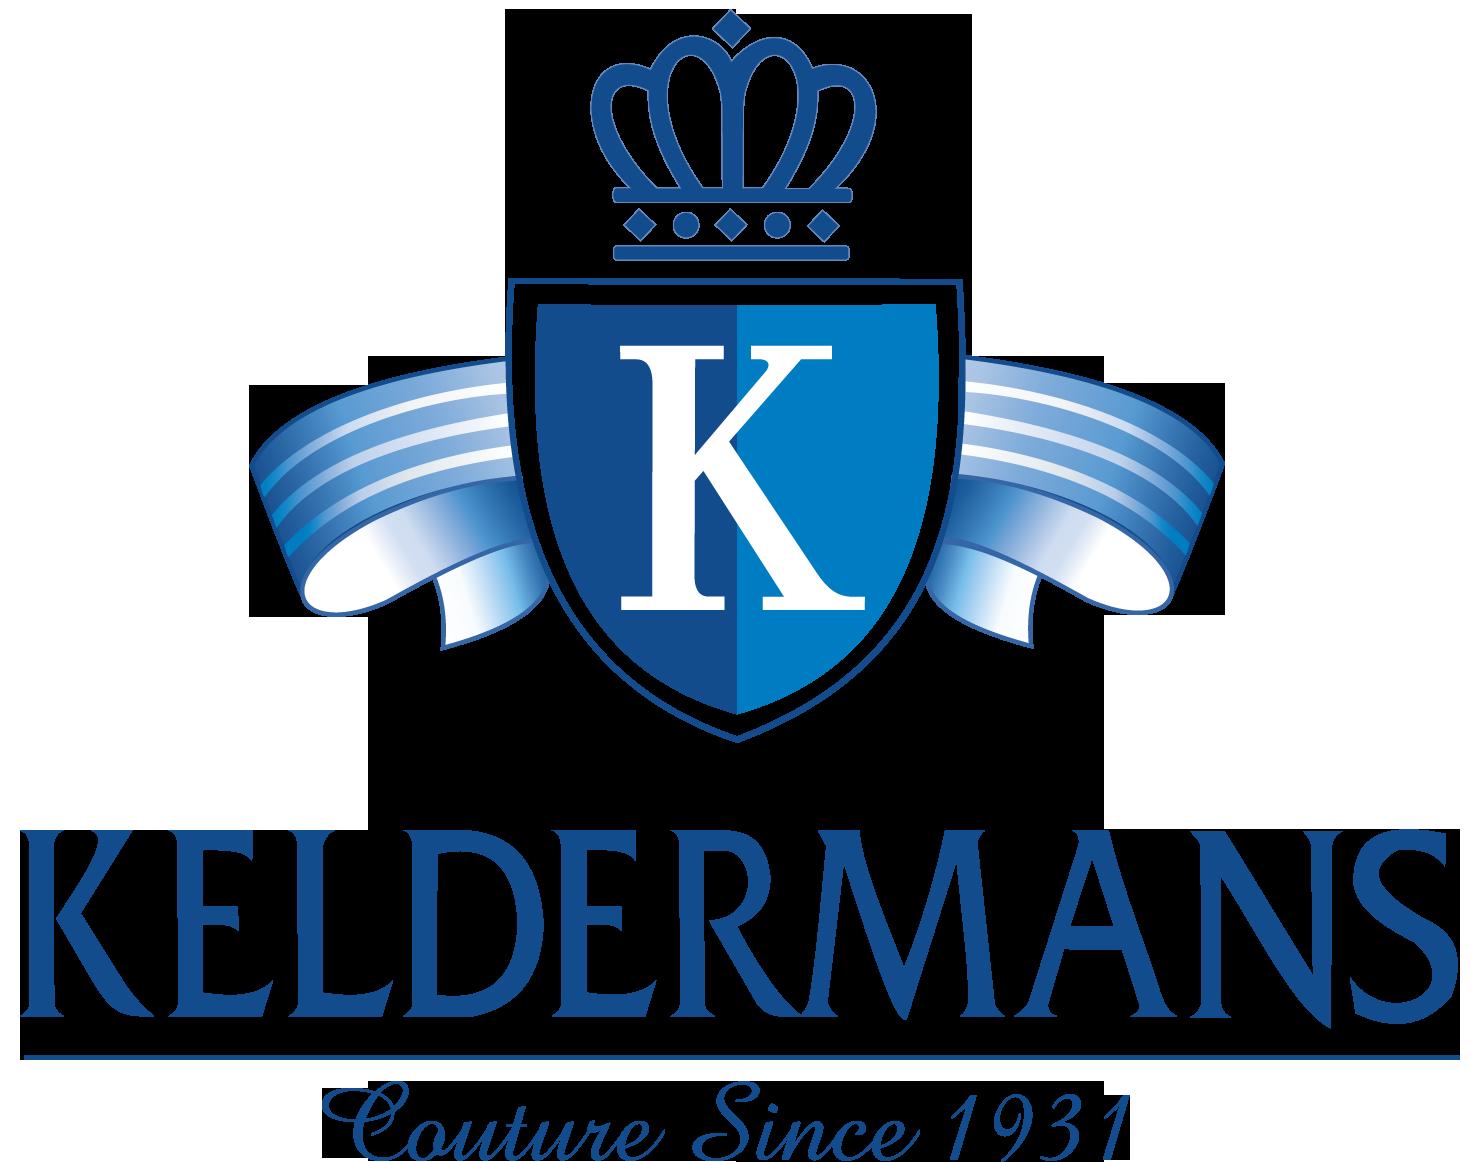 logo_keldermans